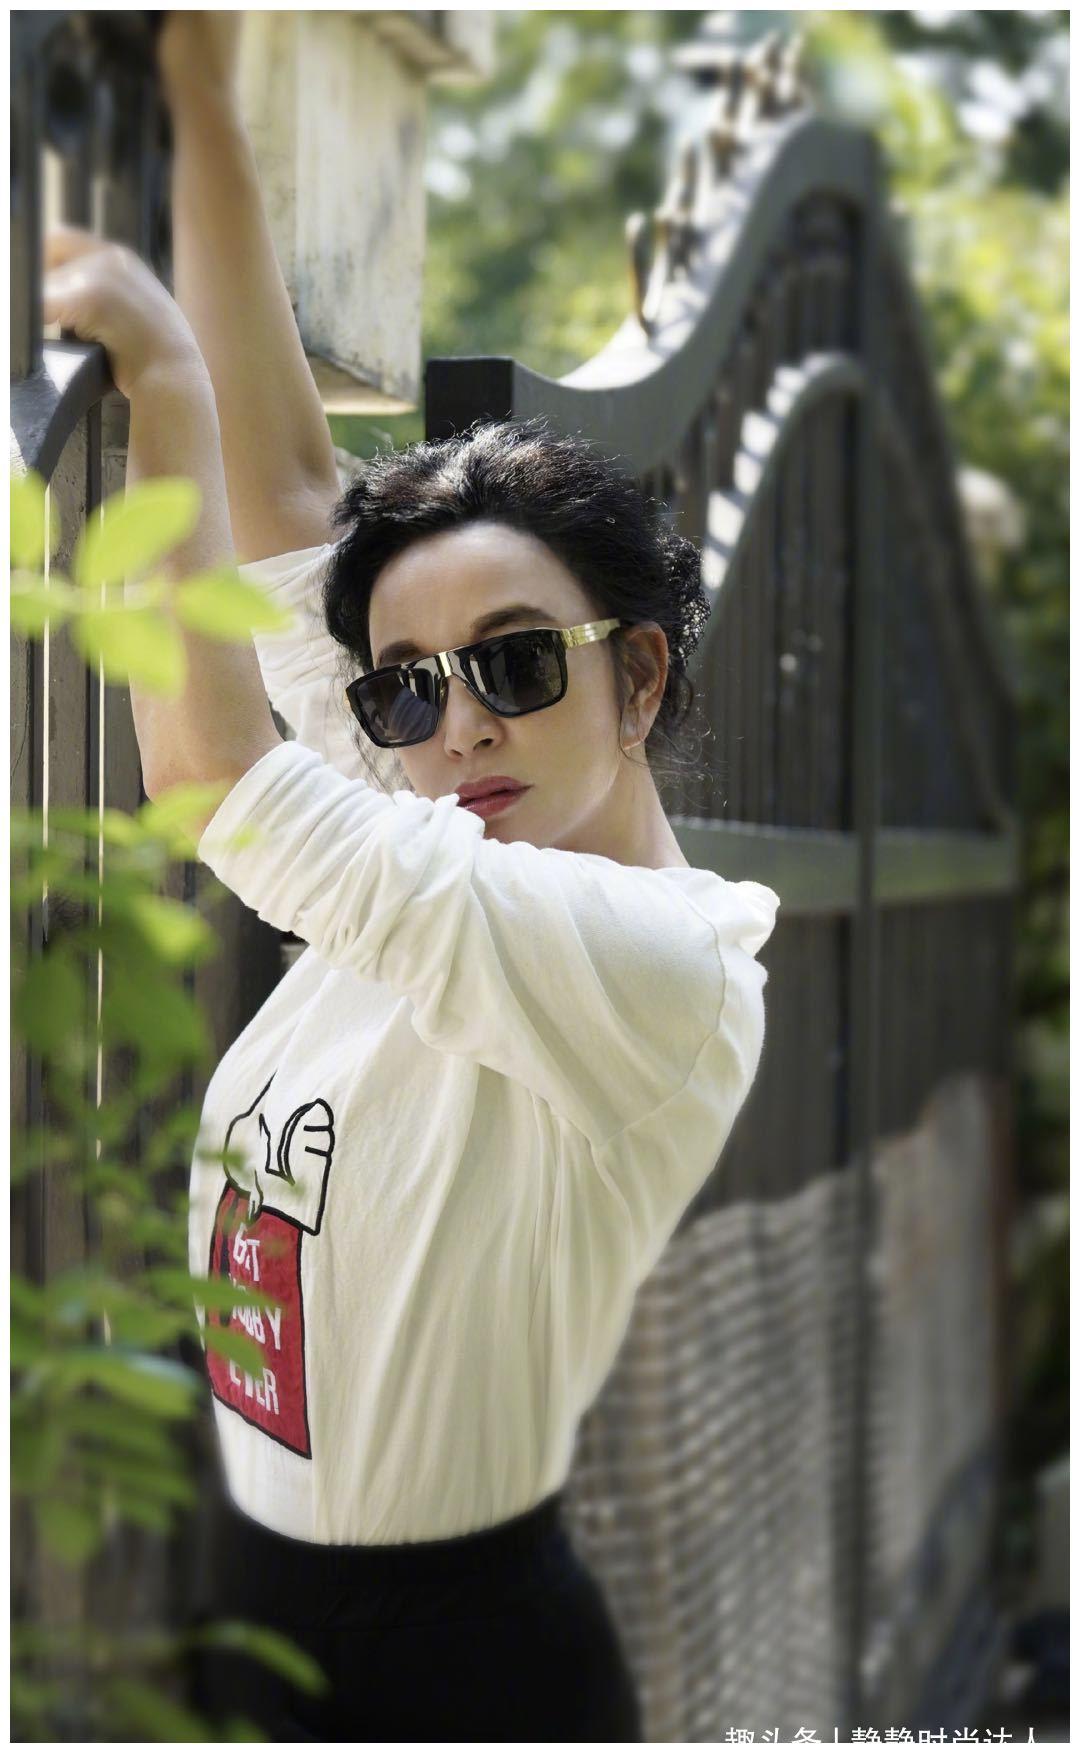 刘晓庆时尚感不减,身材走样也不担心!白T恤配哈伦裤超显瘦